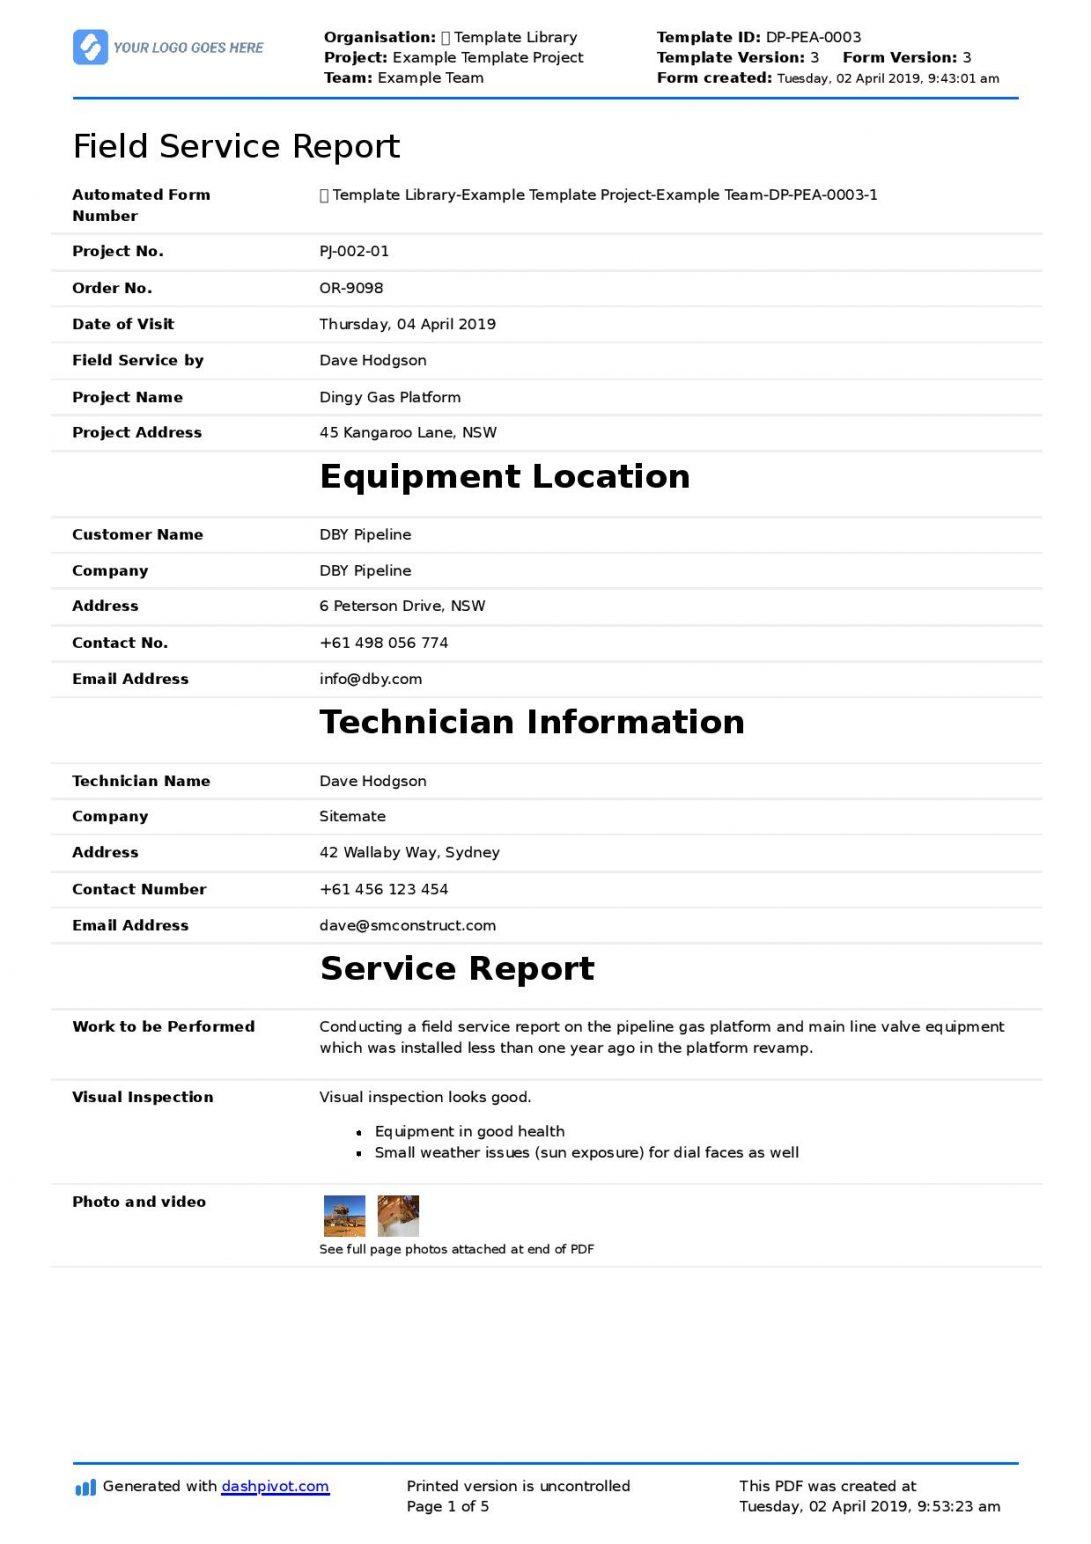 Pest Control Service Report Template Pdf